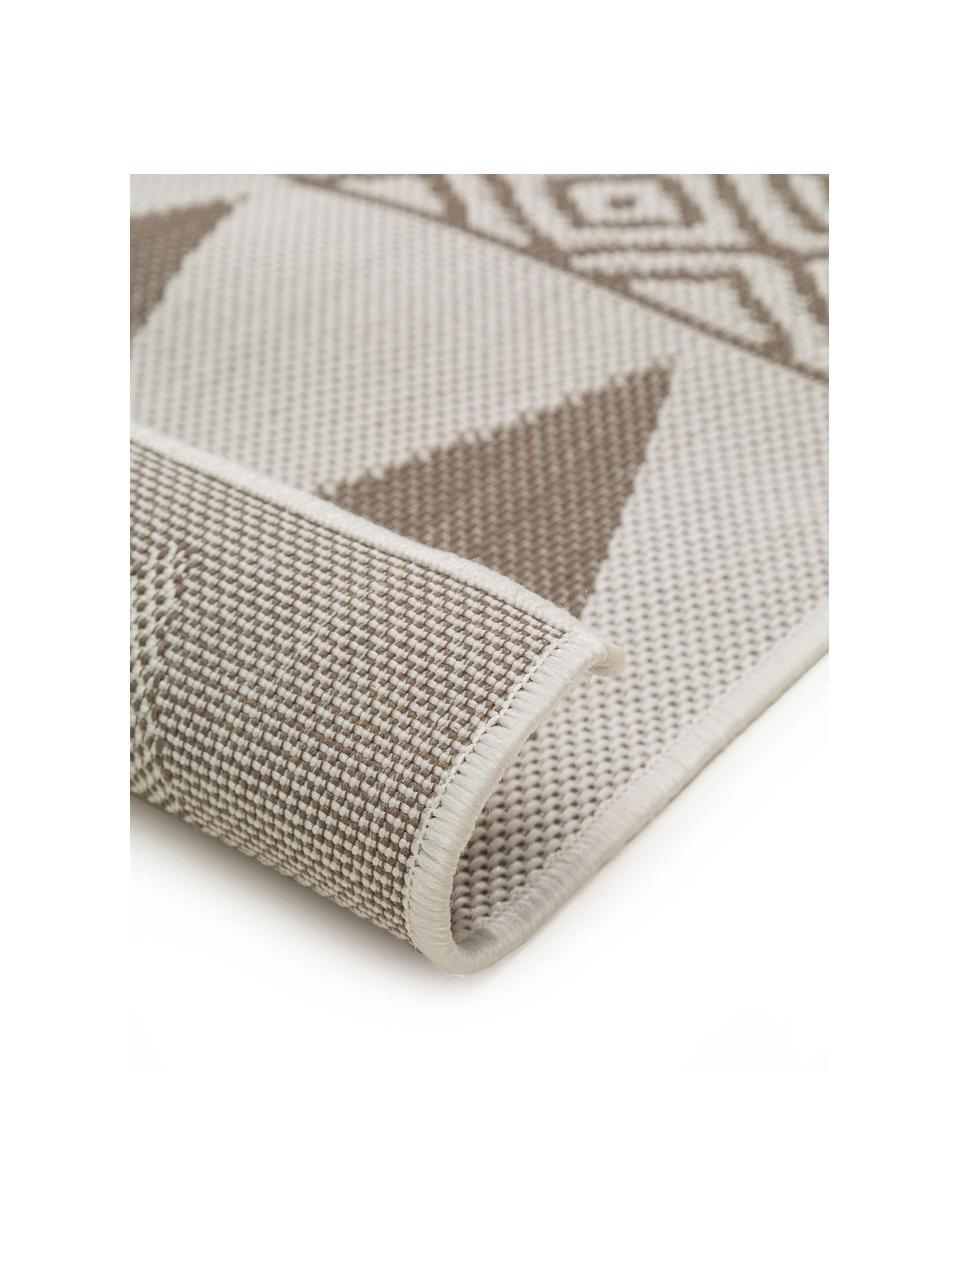 Gemusterter In- & Outdoor-Teppich Nillo in Beige/Creme, 100% Polyethylen, Hellgrau, Taupe, B 120 x L 170 cm (Größe S)